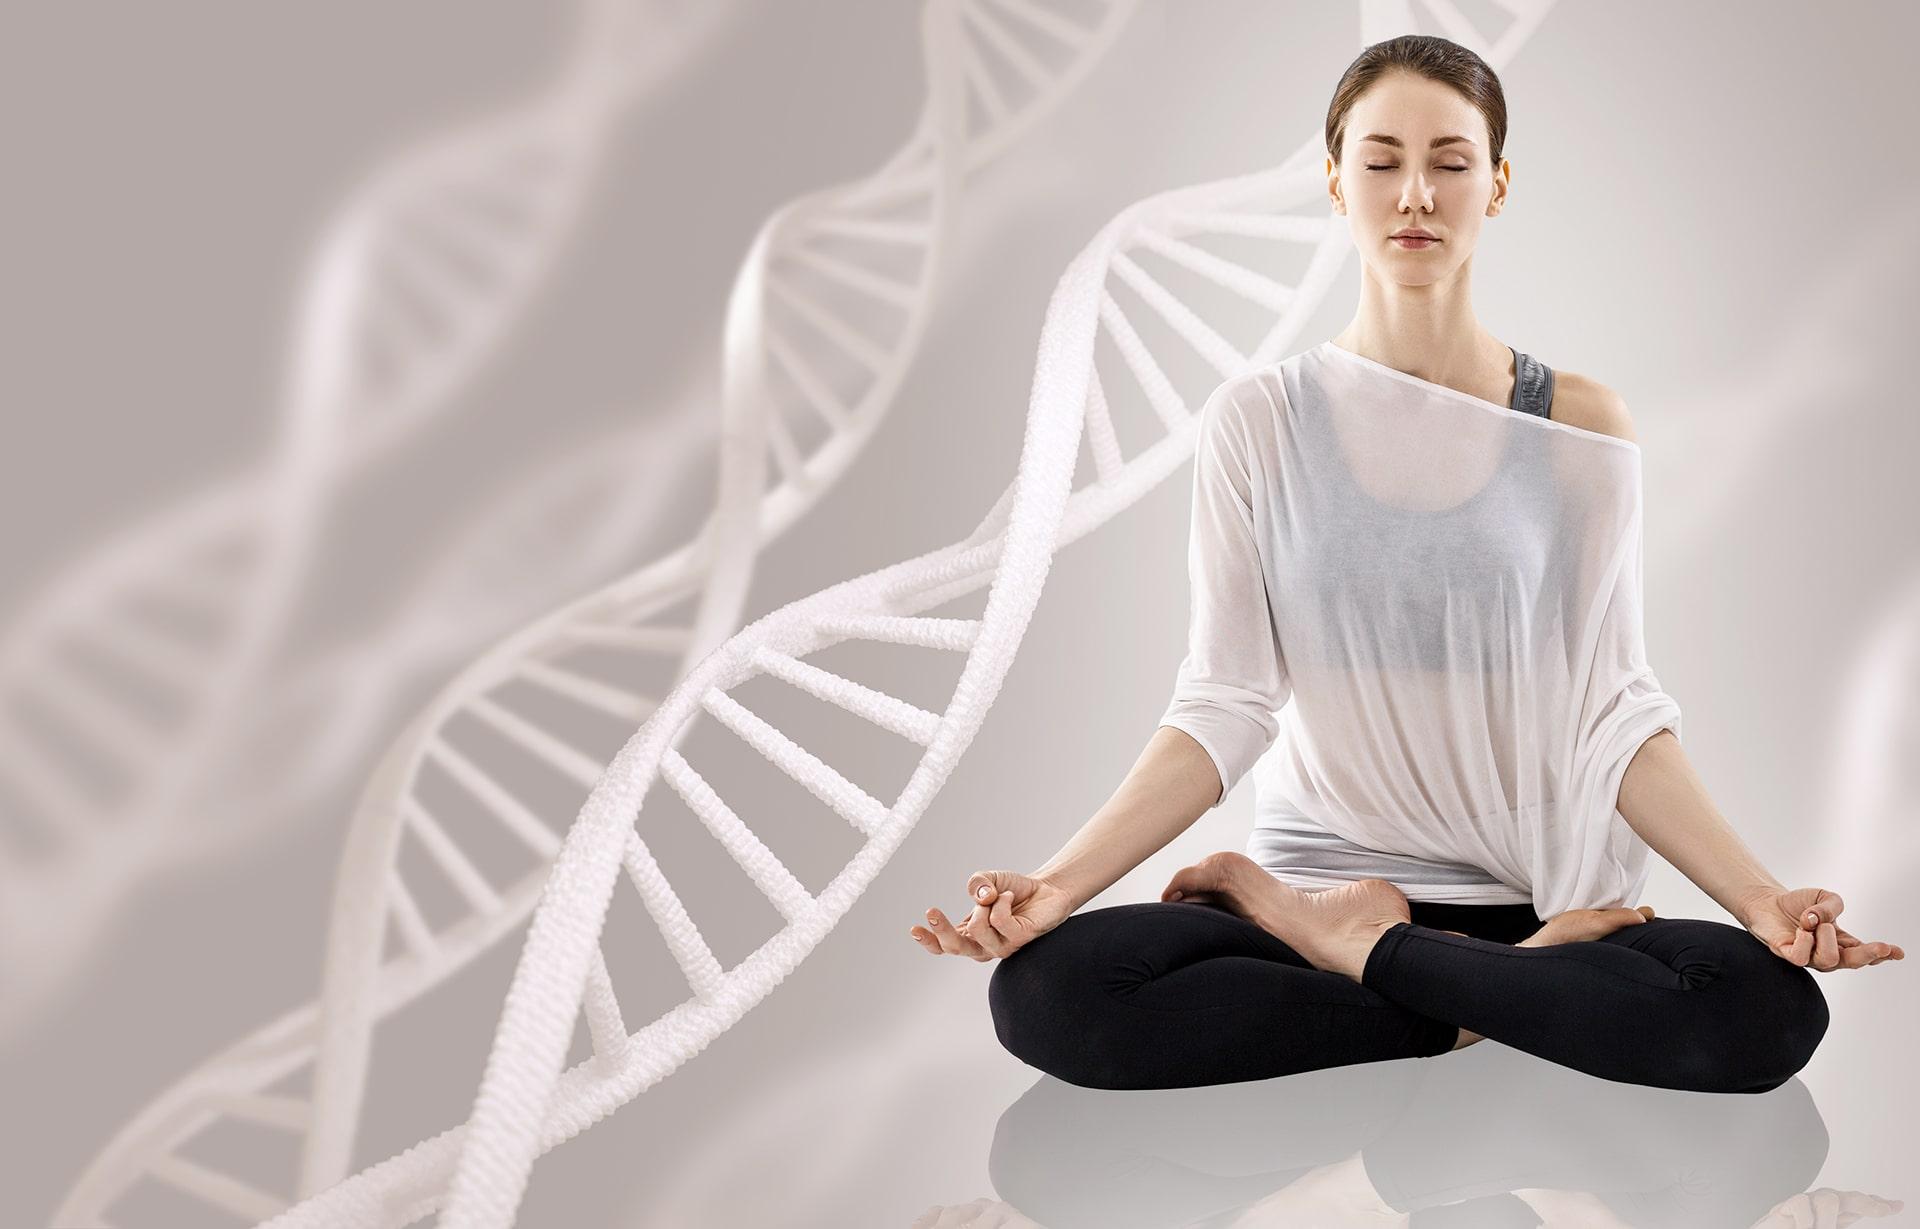 Institut Aurovida - Blog - La philosophie peut-elle guérir le corps?